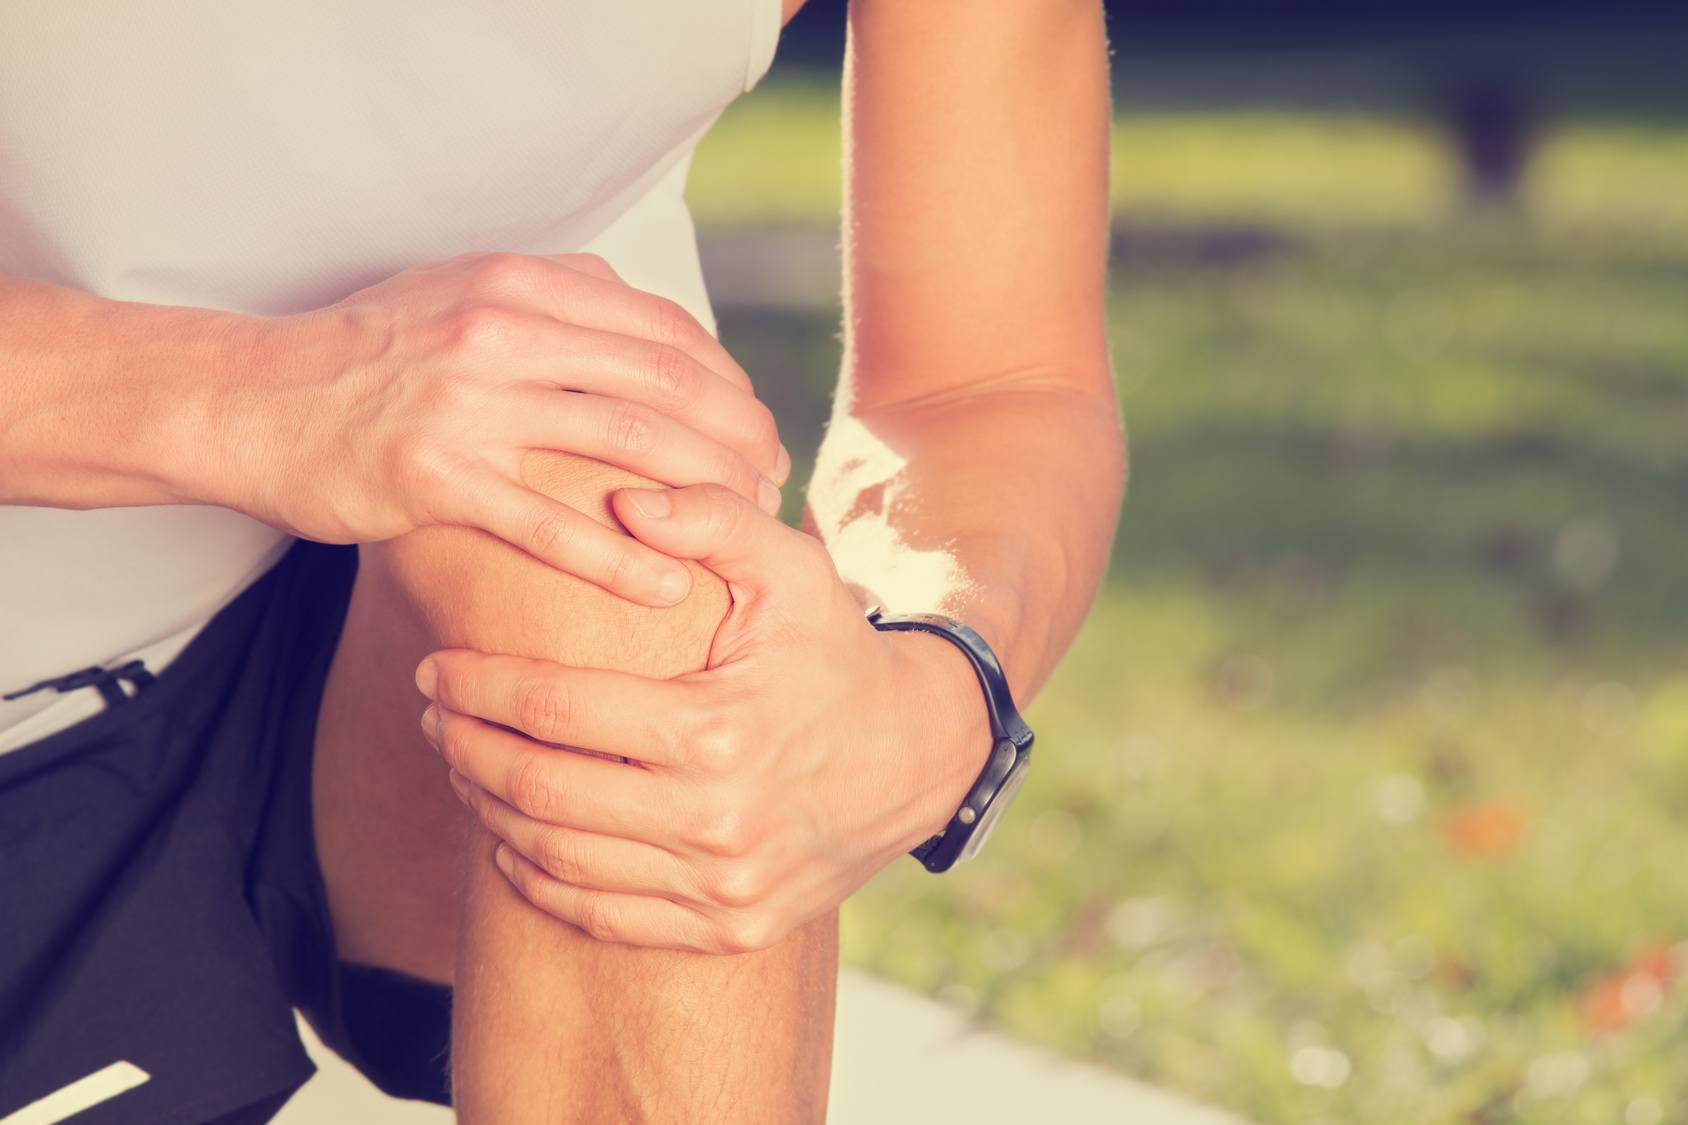 Welche Rolle spielen die Faszien bei Knieschmerzen?